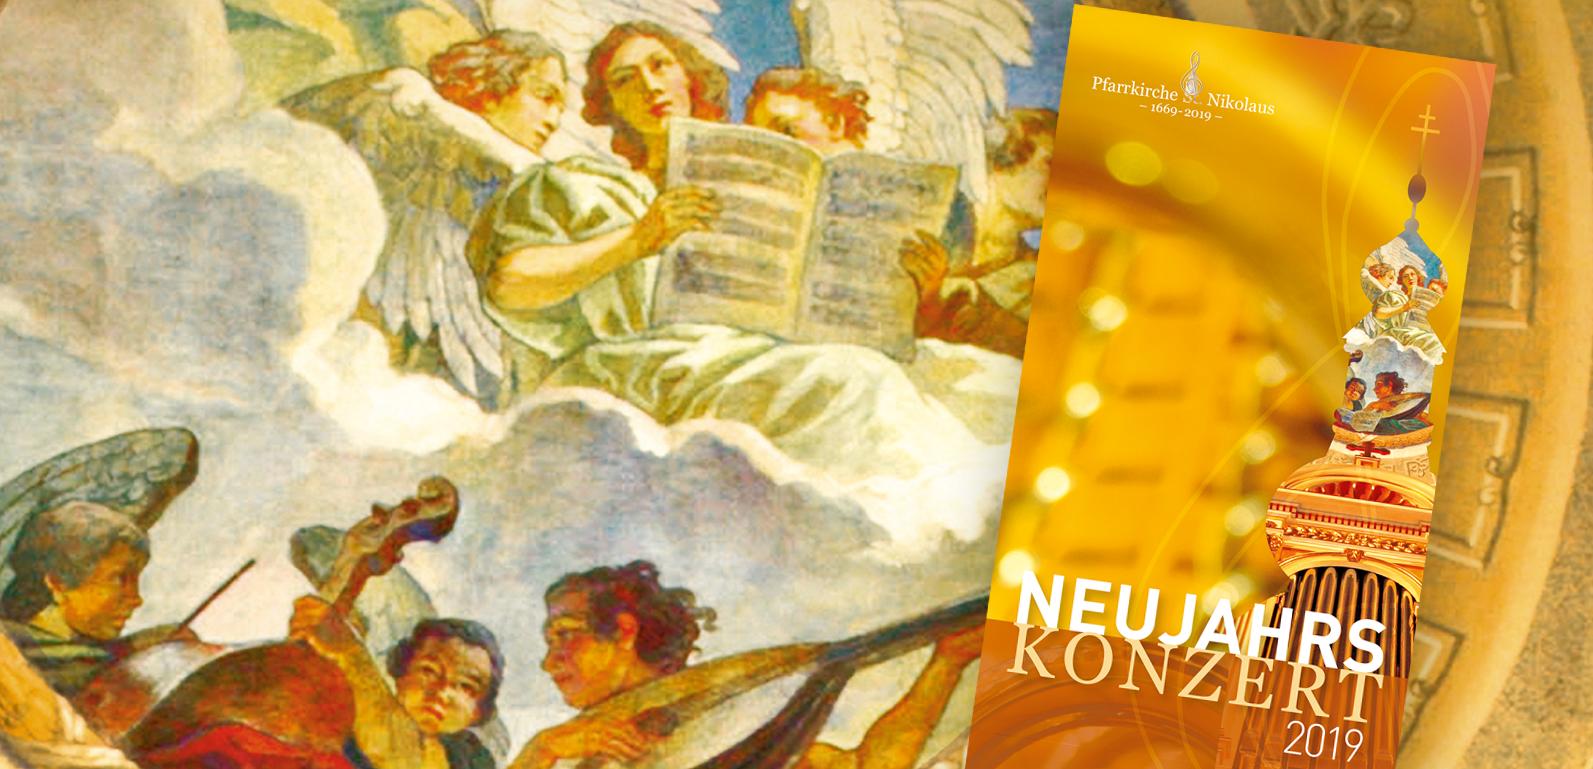 20. NeujahrsKonzert zum Jubiläum 350 Jahre Pfarrkirche Lockenhaus